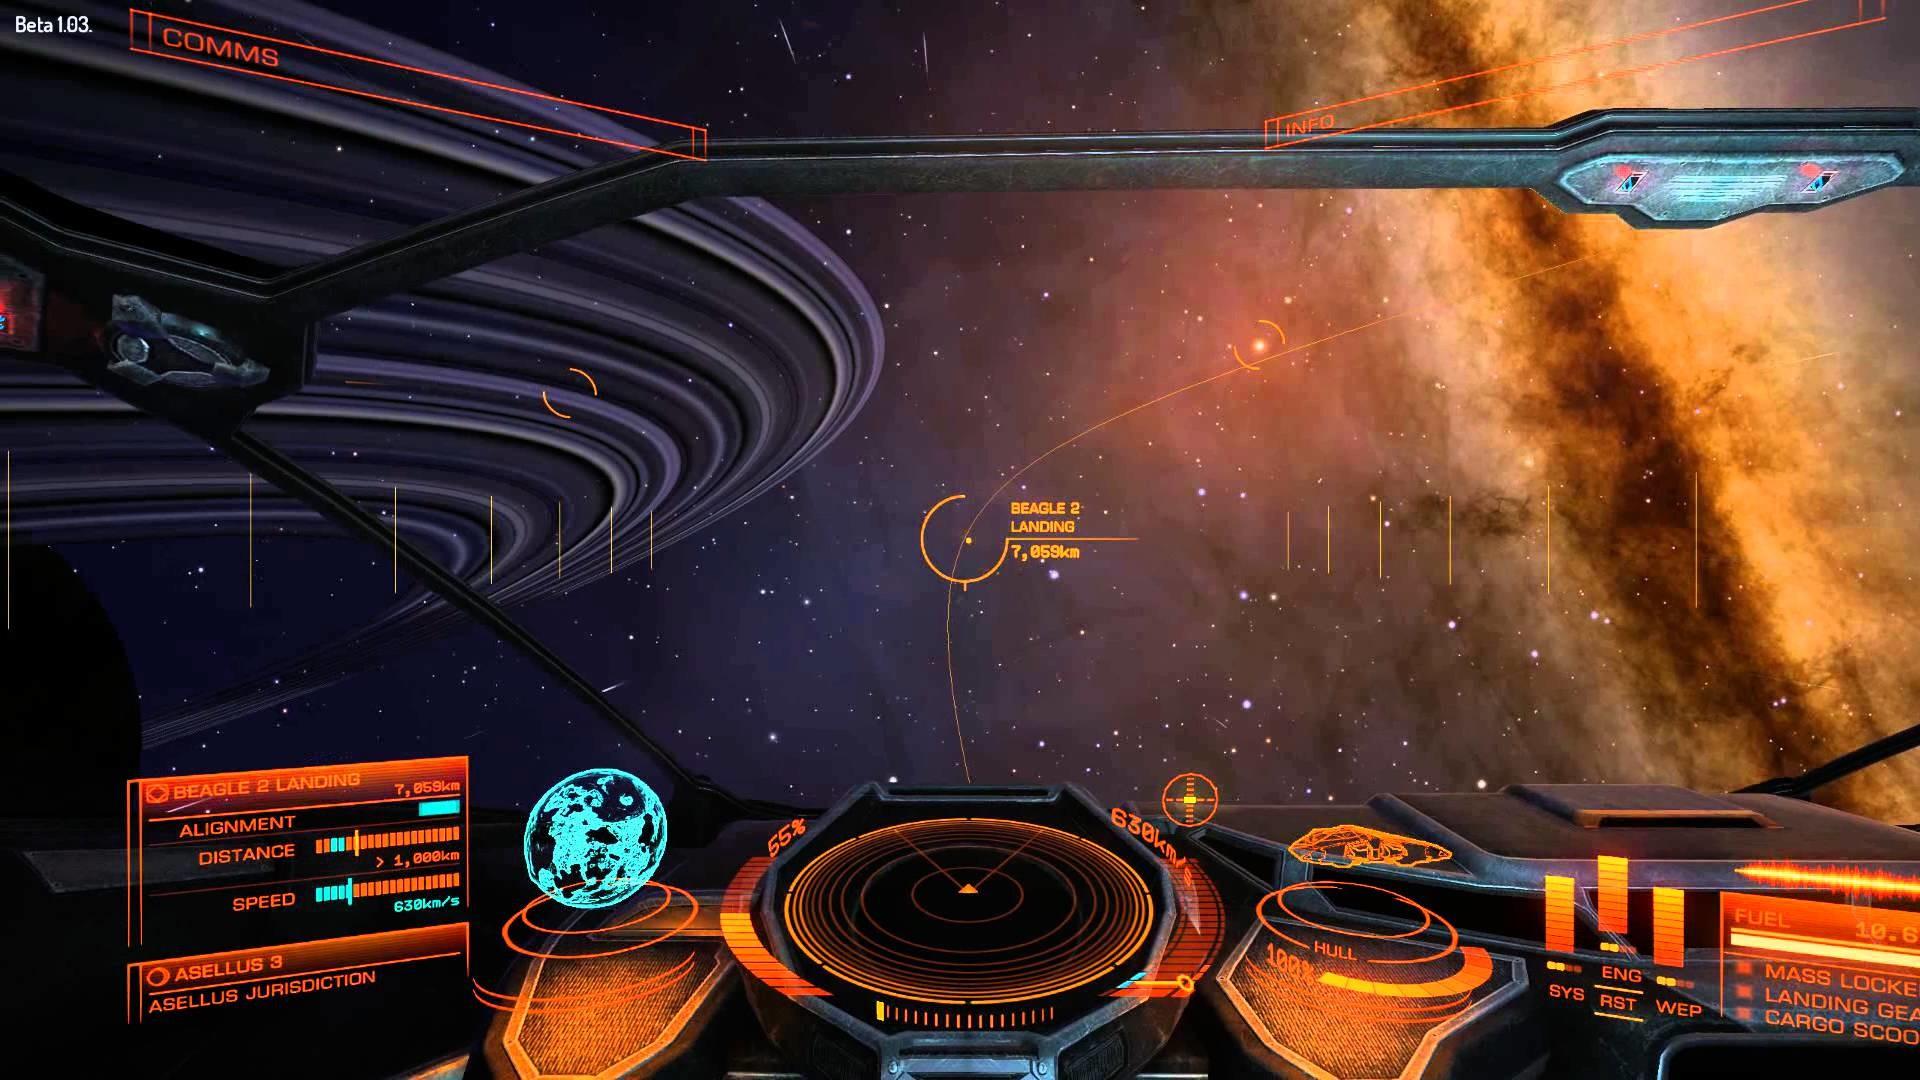 Elite: Dangerous Beta 1.03 – Cargo Run In Cobra Mk.3 (PC) 1080P HD